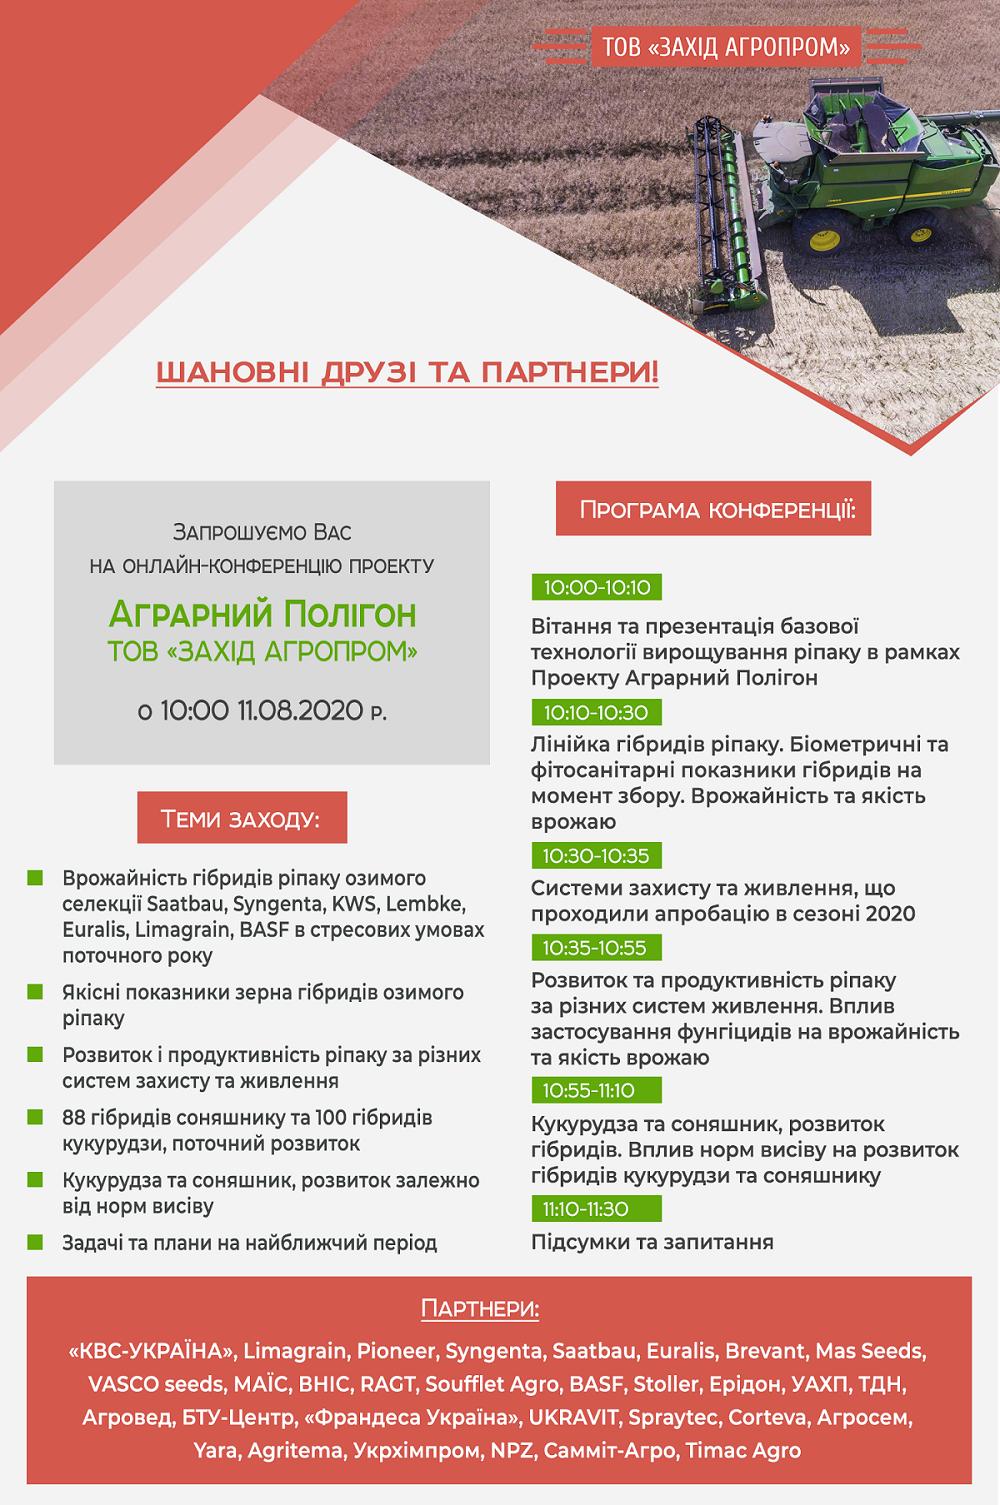 Онлайн-конференция проекта Аграрный Полигон компании «Захид Агропром»